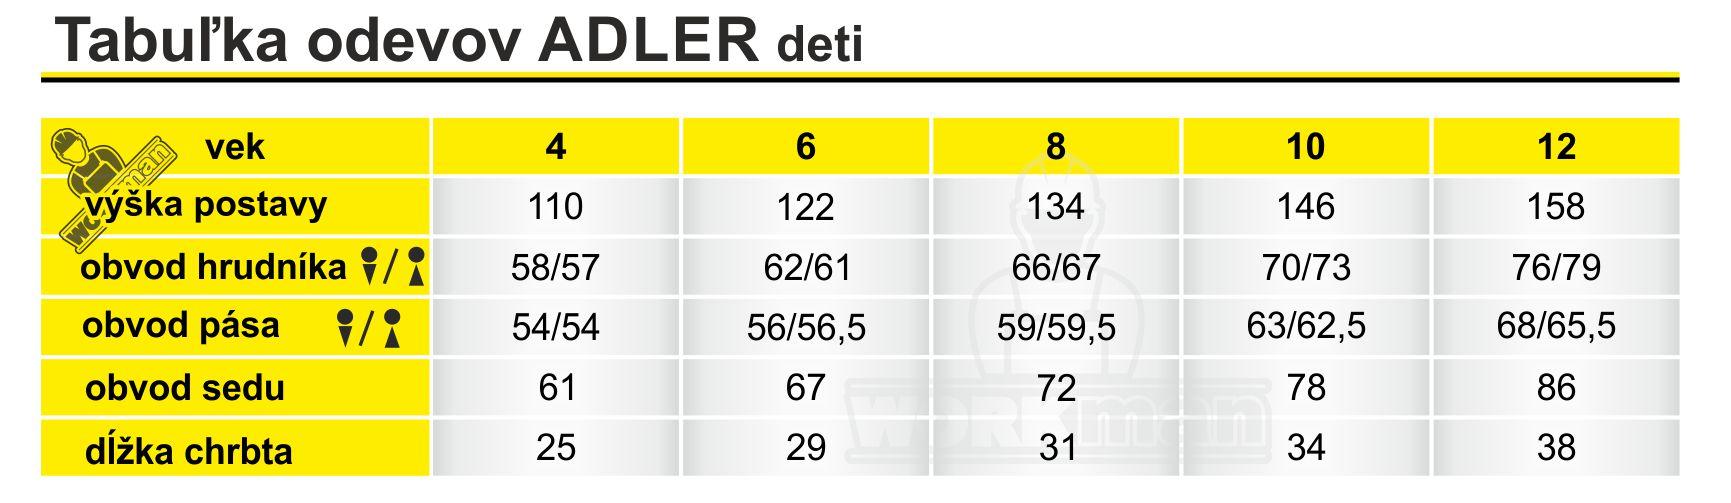 Veľkostná tabuľka Adler deti